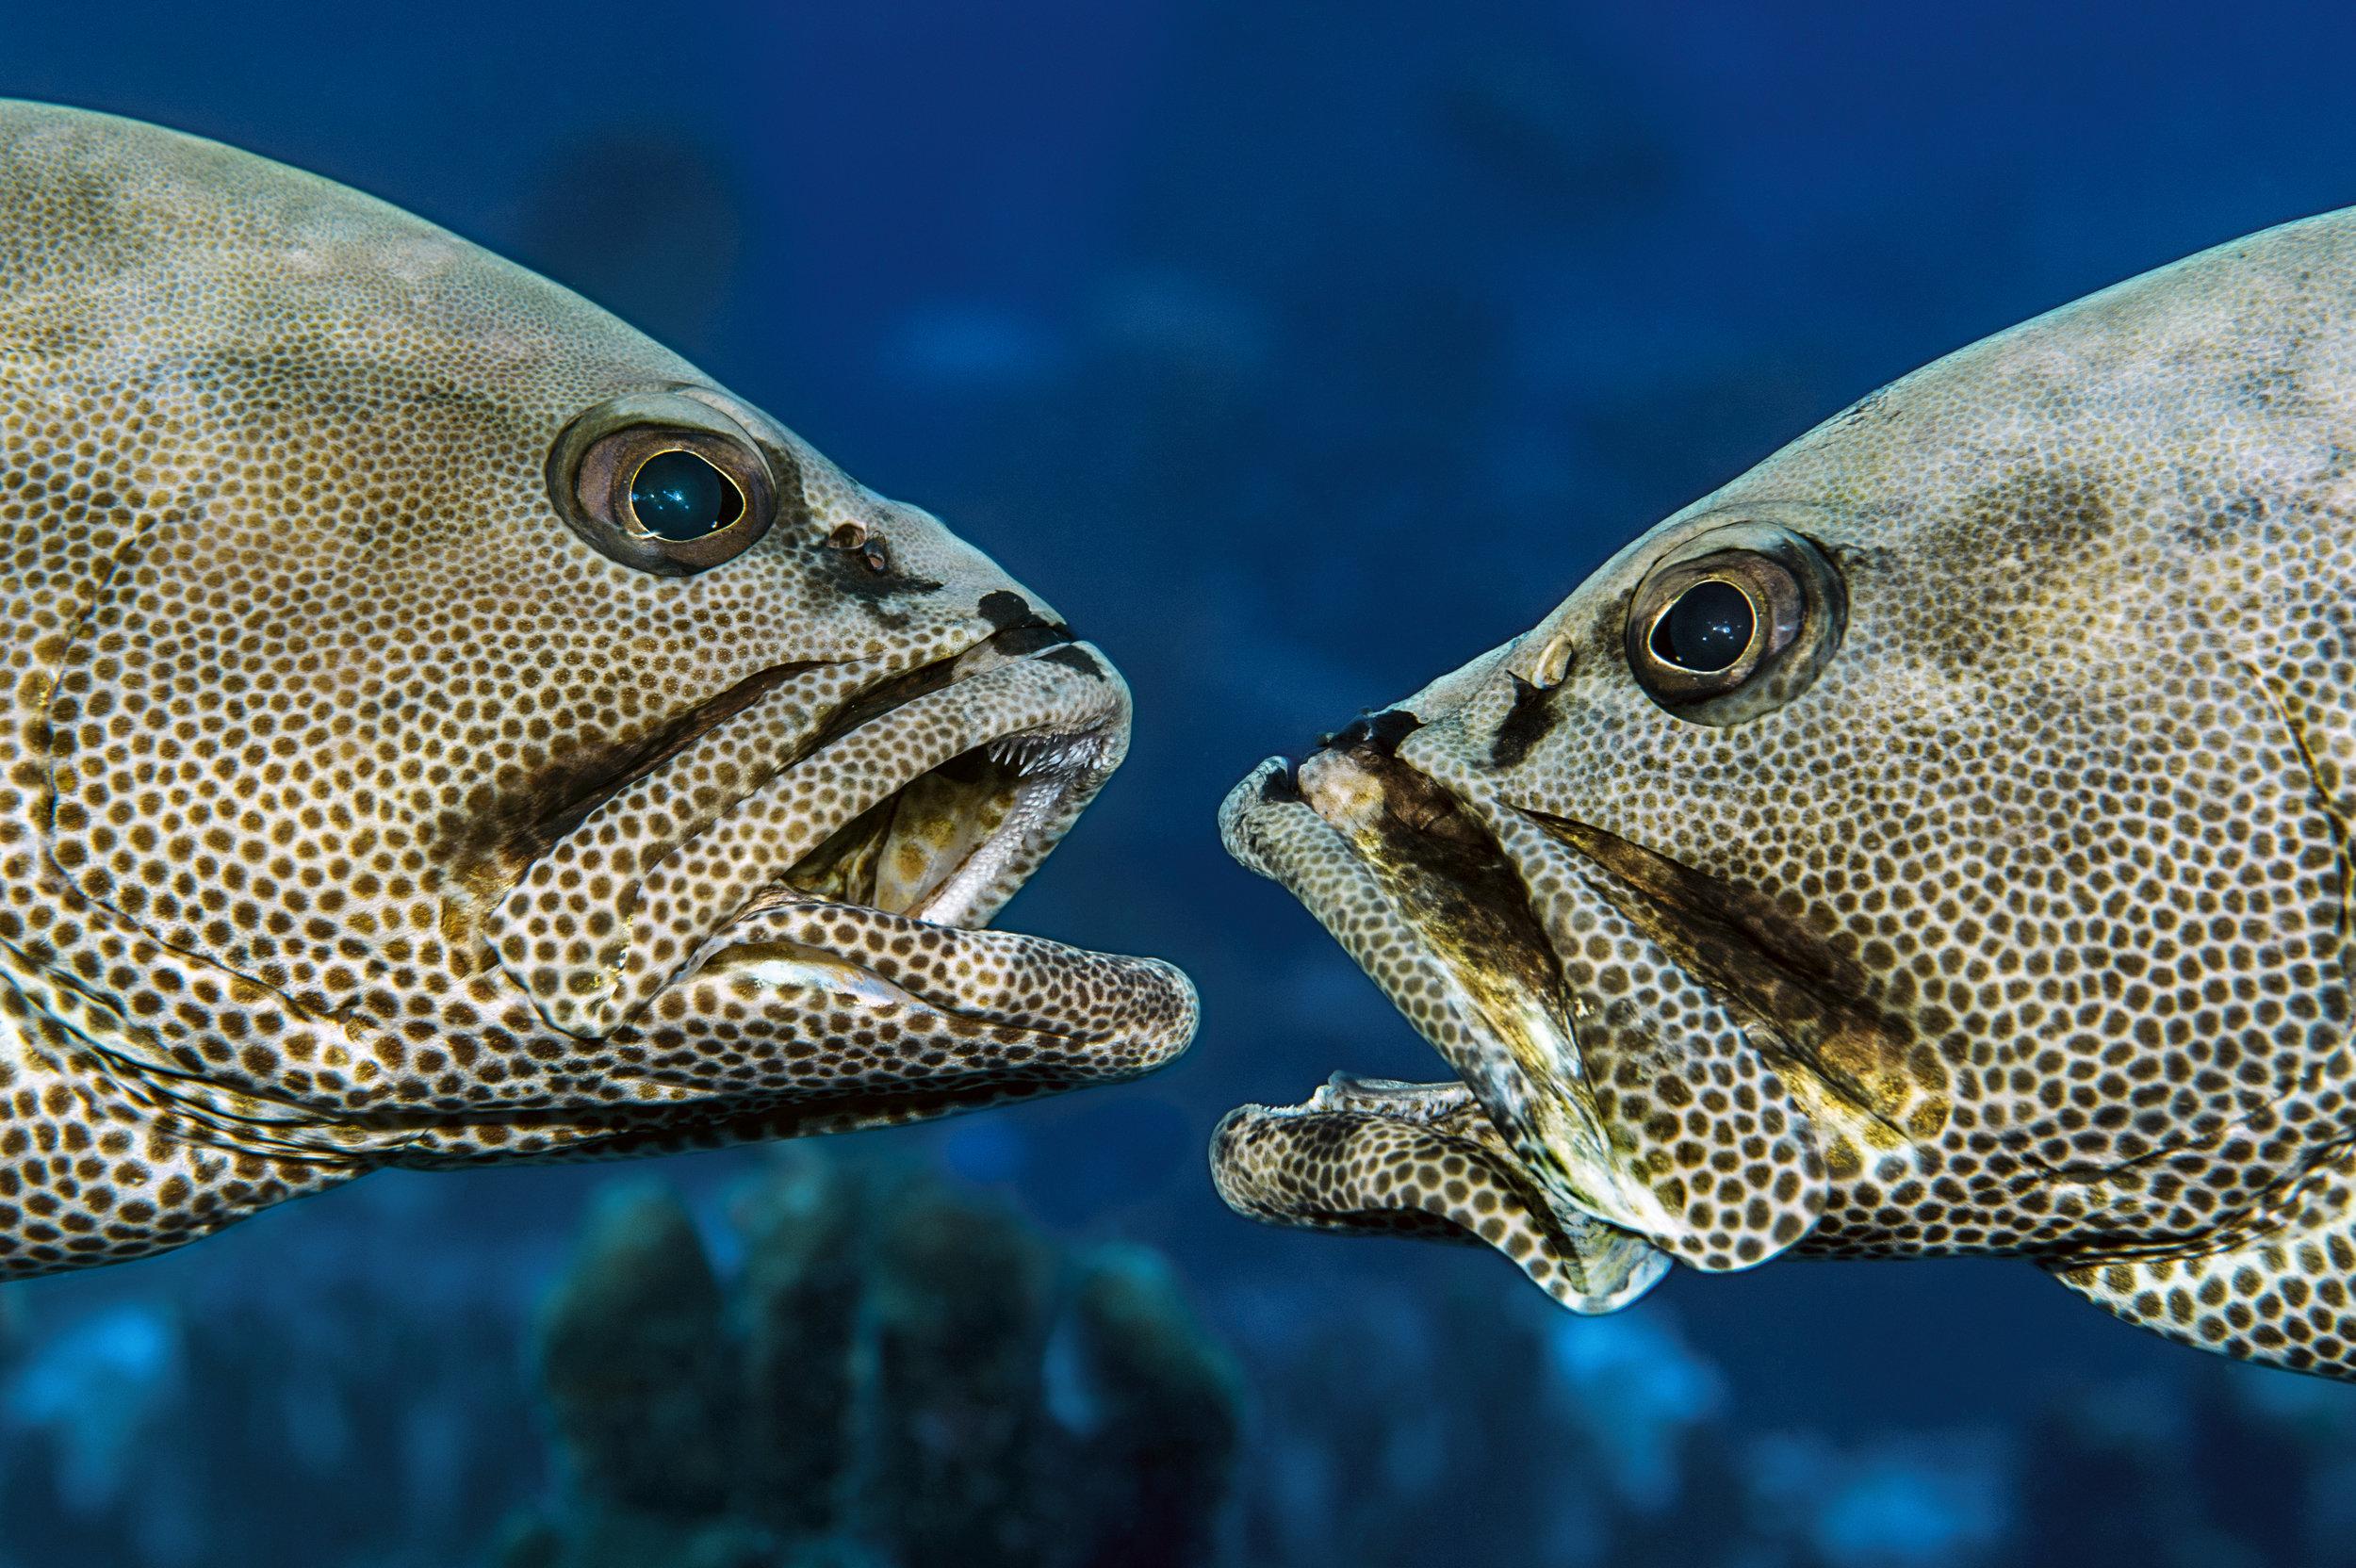 face-à-face-mérous-Bon-plan-exposition-700-requins-dans-la-nuit-elisa-les-bons-tuyaux-credit-photo-Laurent-Ballesta.jpg